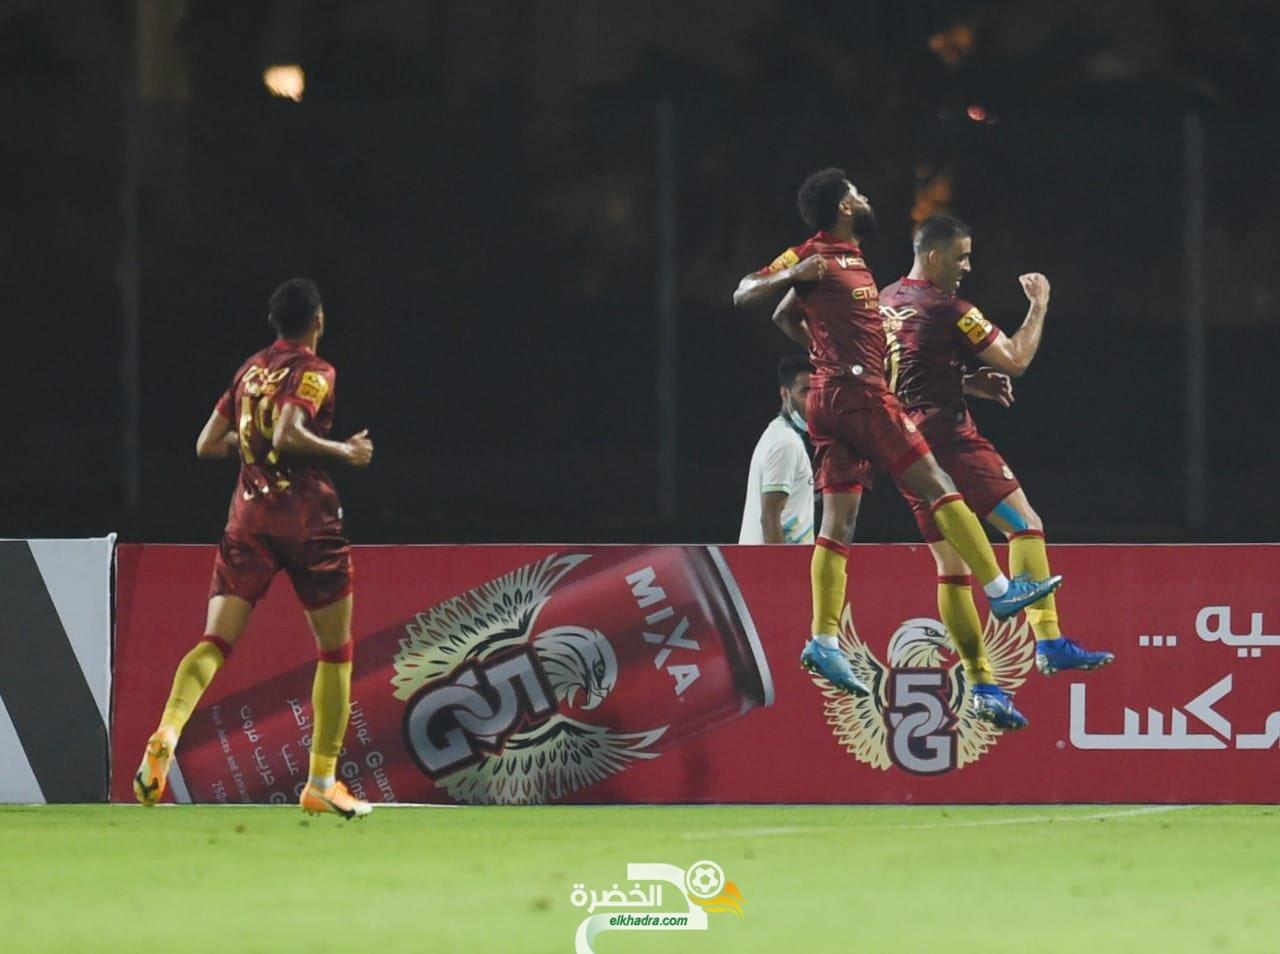 النصر يفوز على الأهلي بنتيجة 2-1 في الجولة 23 من دوري المحترفين 28